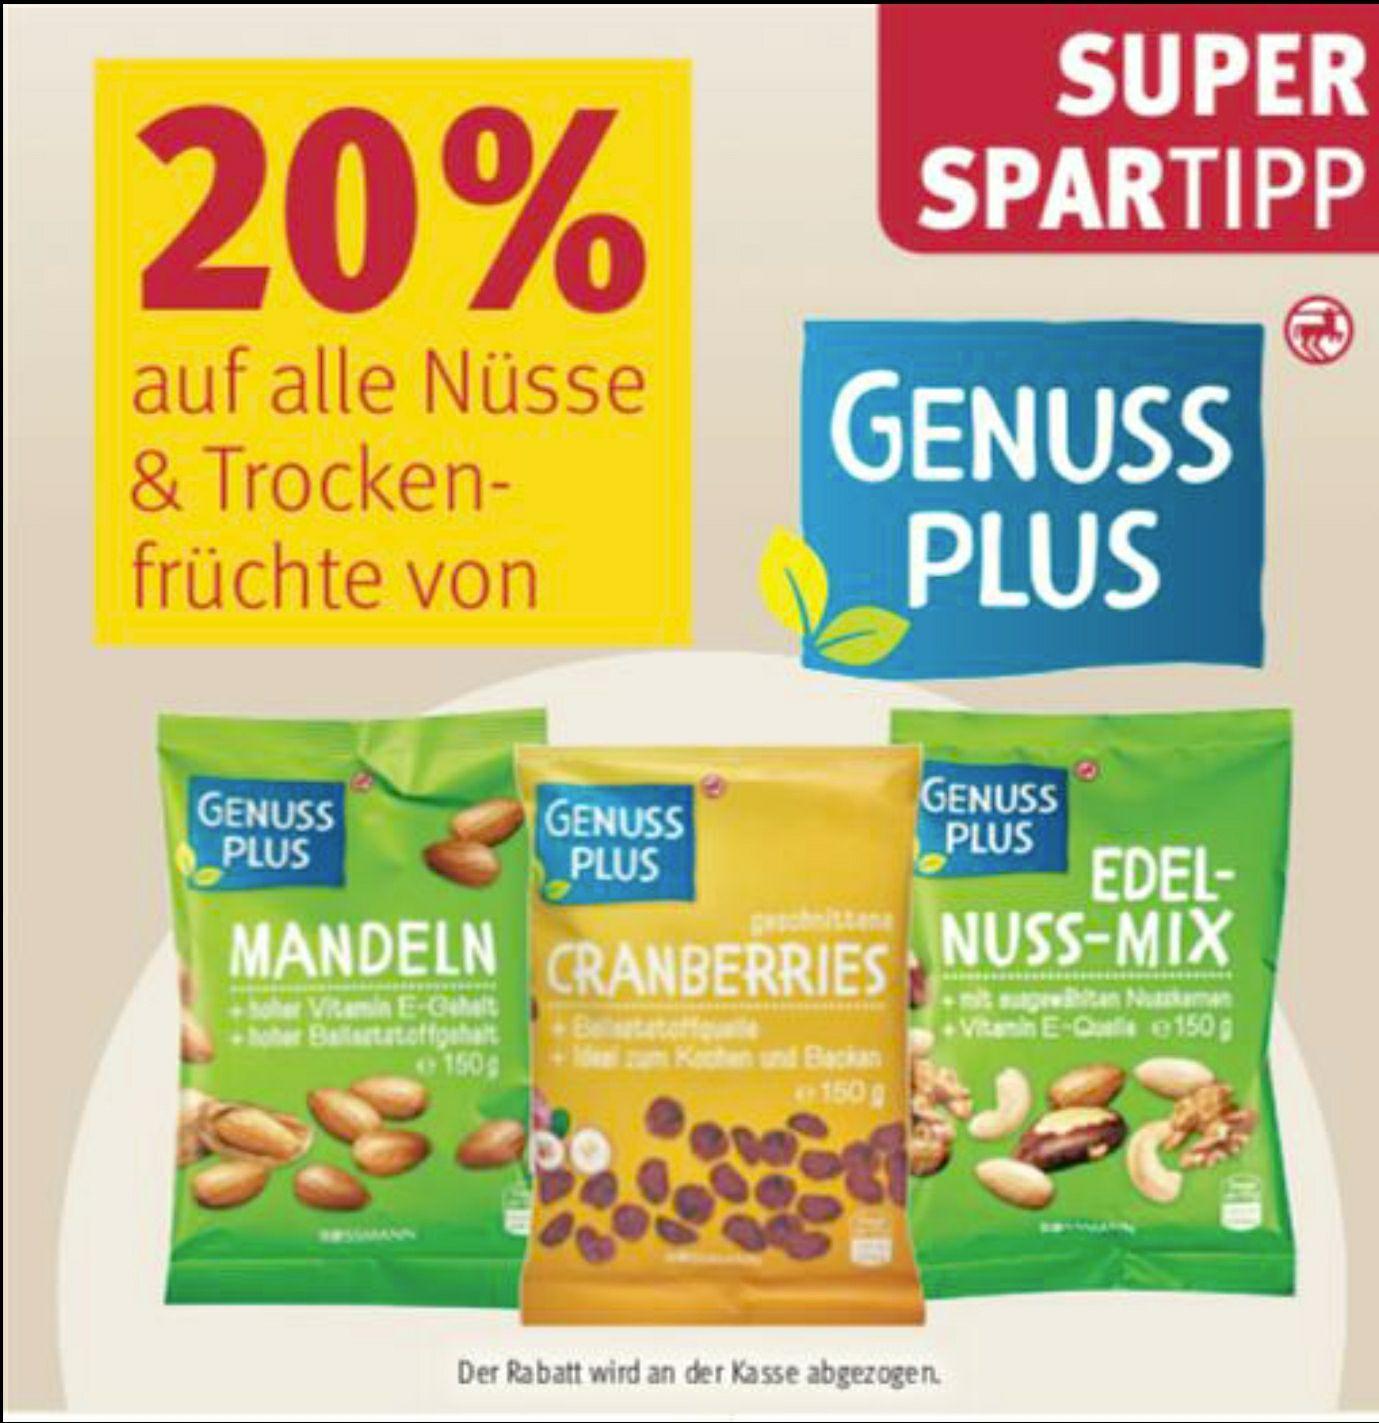 20% auf alle Nüsse und Trockenfrüchte von Genuss Plus [Rossmann ab 17.02]